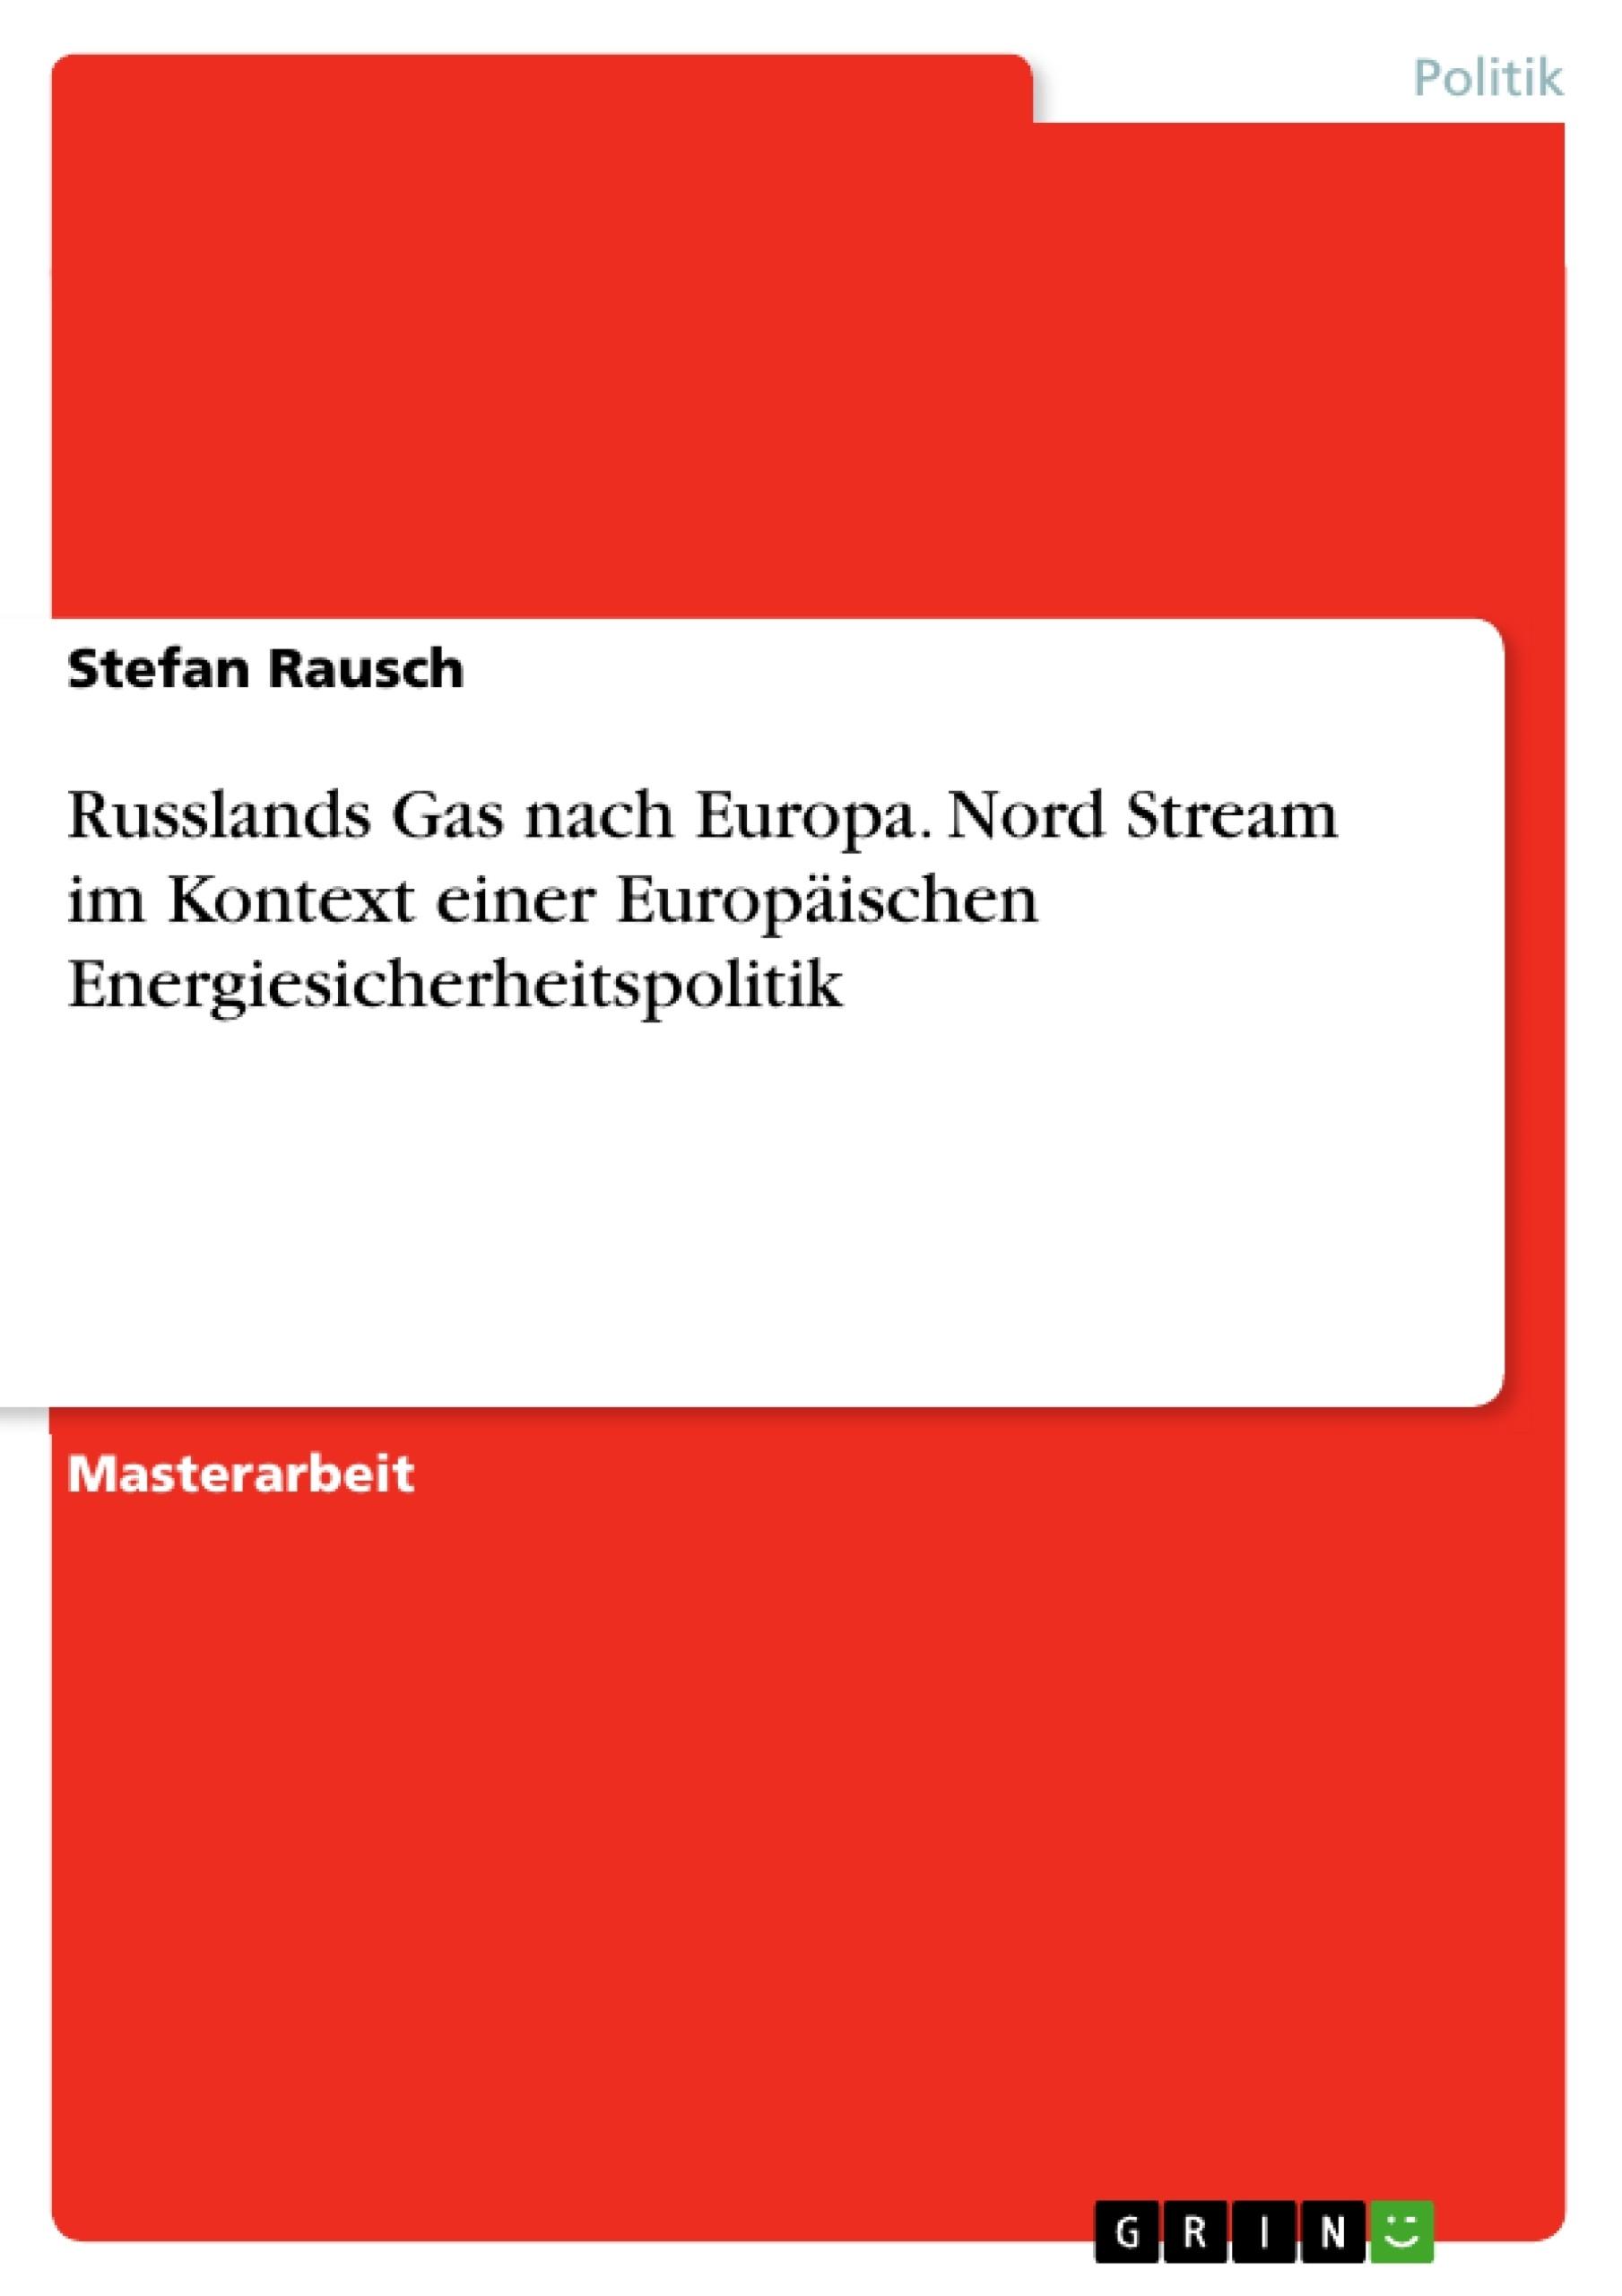 Titel: Russlands Gas nach Europa. Nord Stream im Kontext einer Europäischen  Energiesicherheitspolitik